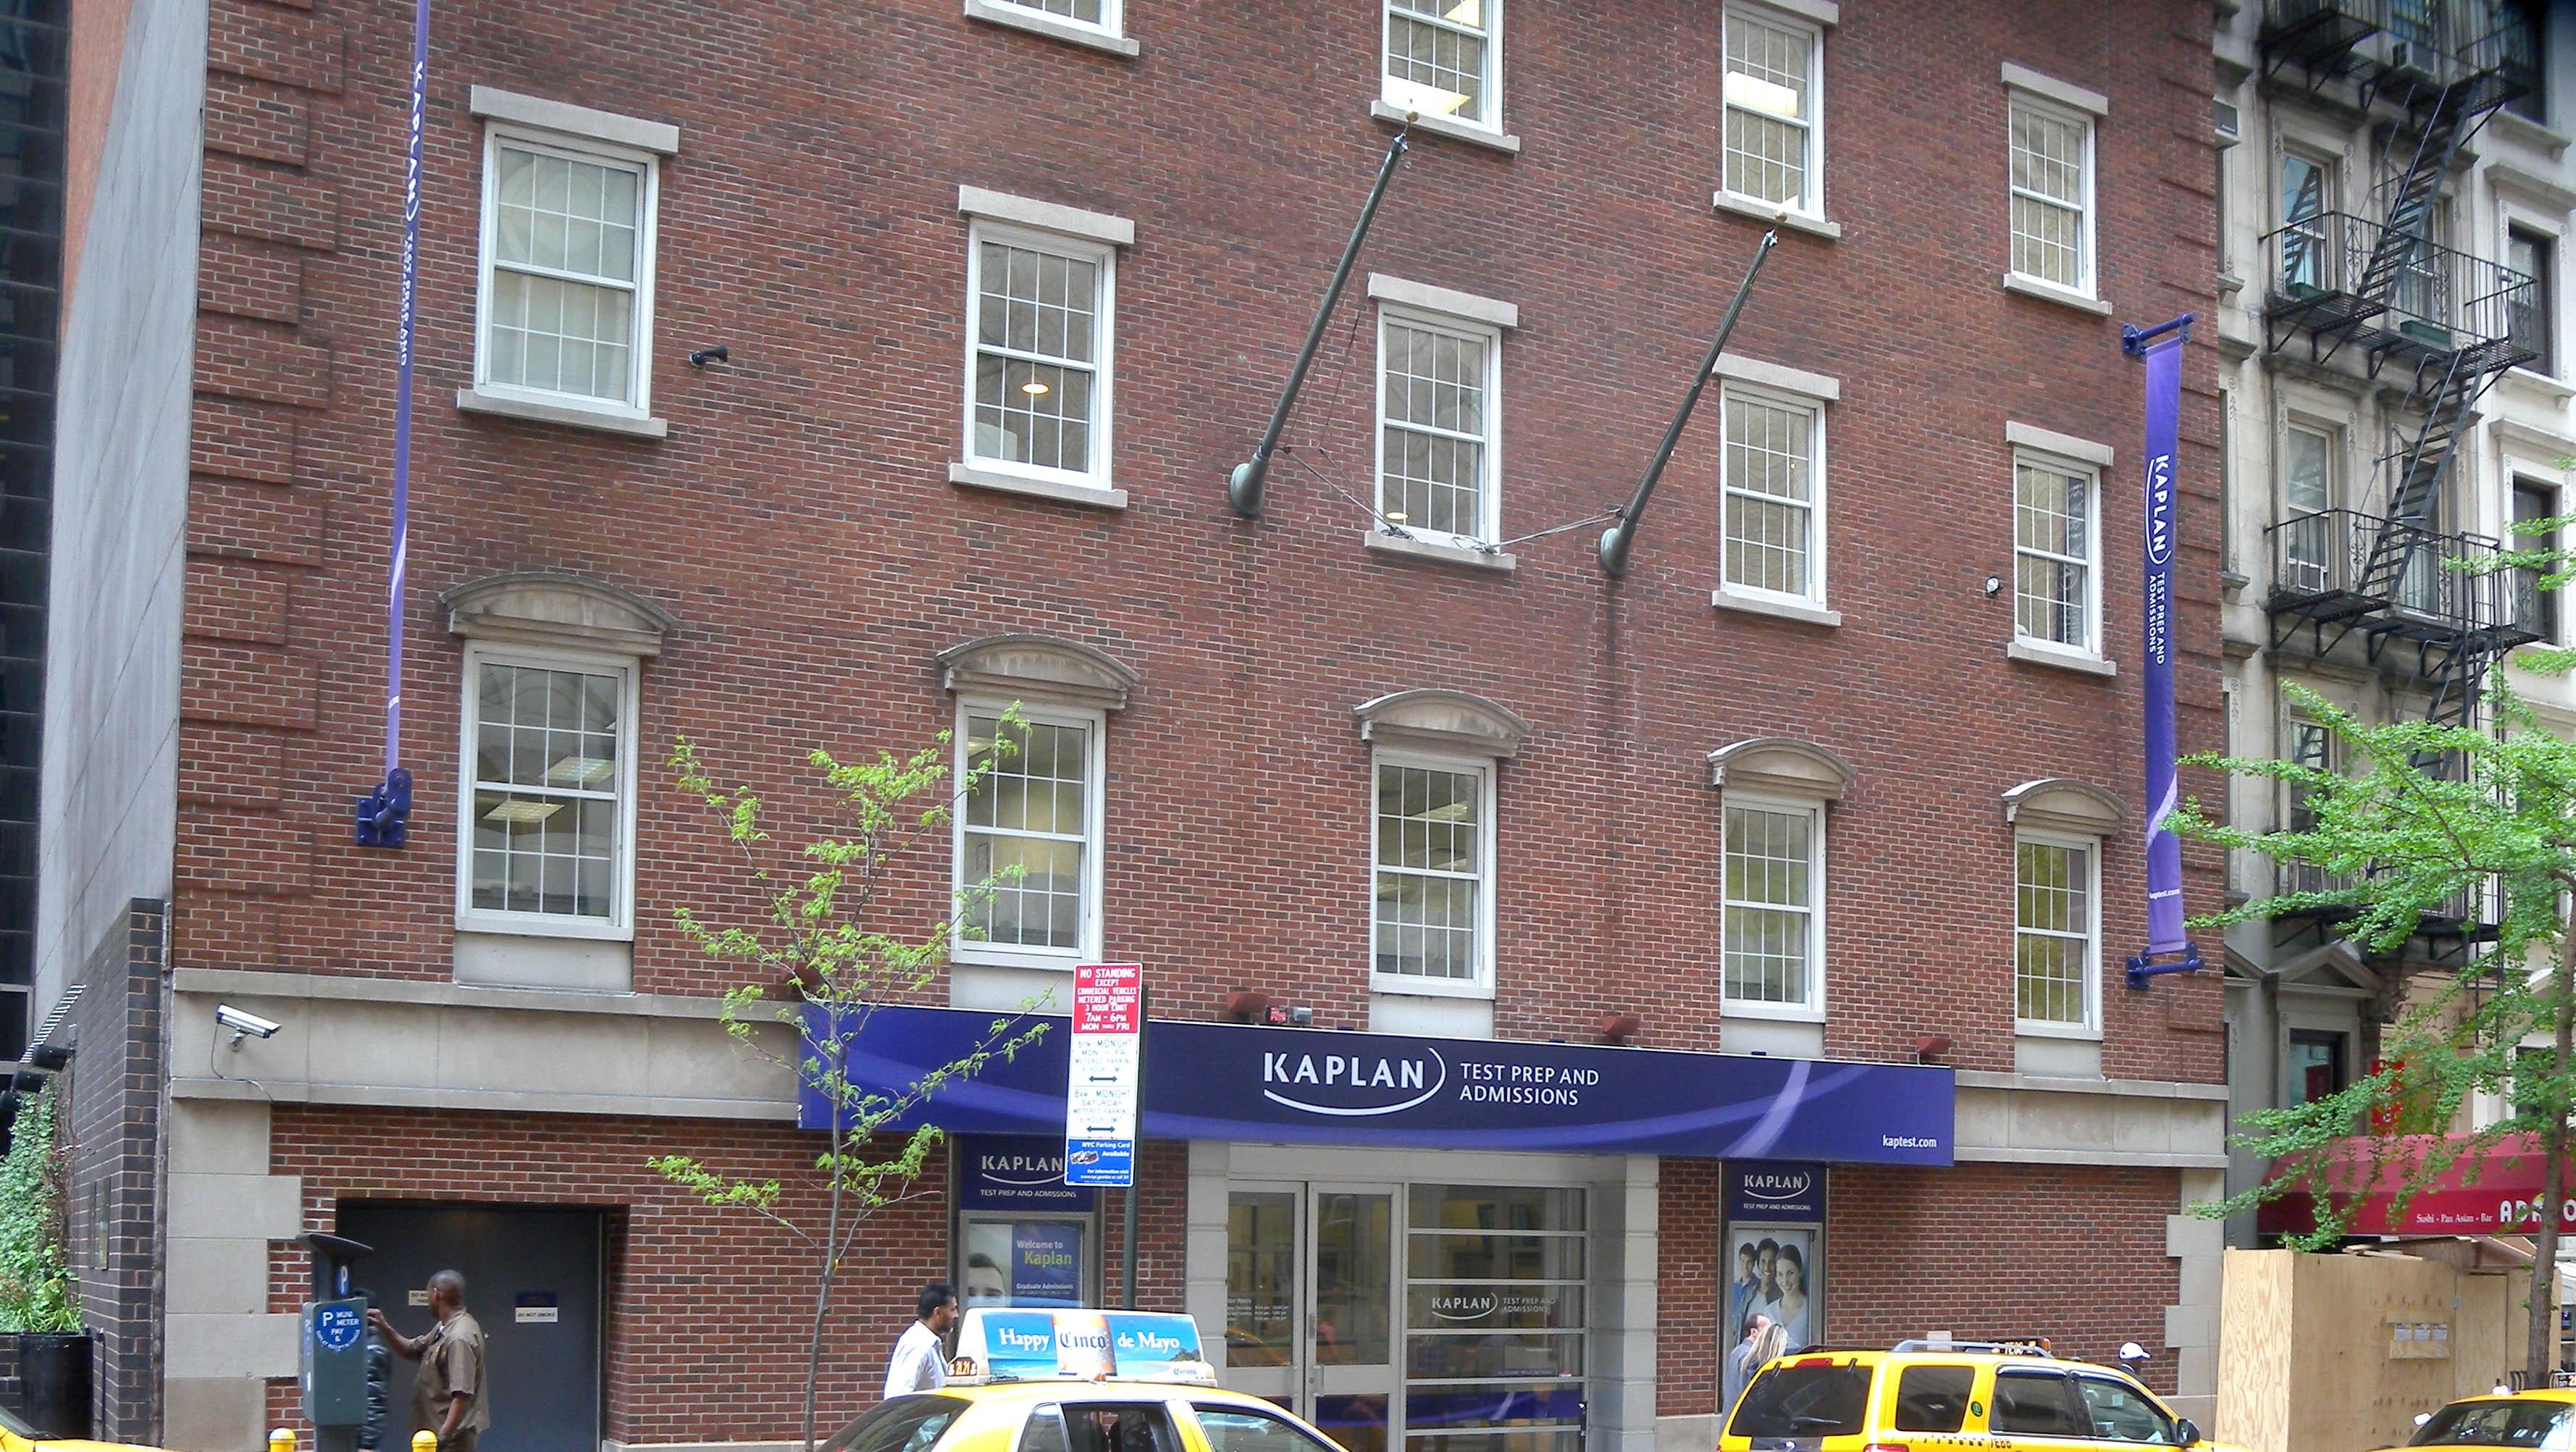 Cursos de Inglés en Kaplan Nueva York Midtown Nueva York | WelcomeAbroad | Estudiar Idiomas en el Extranjero